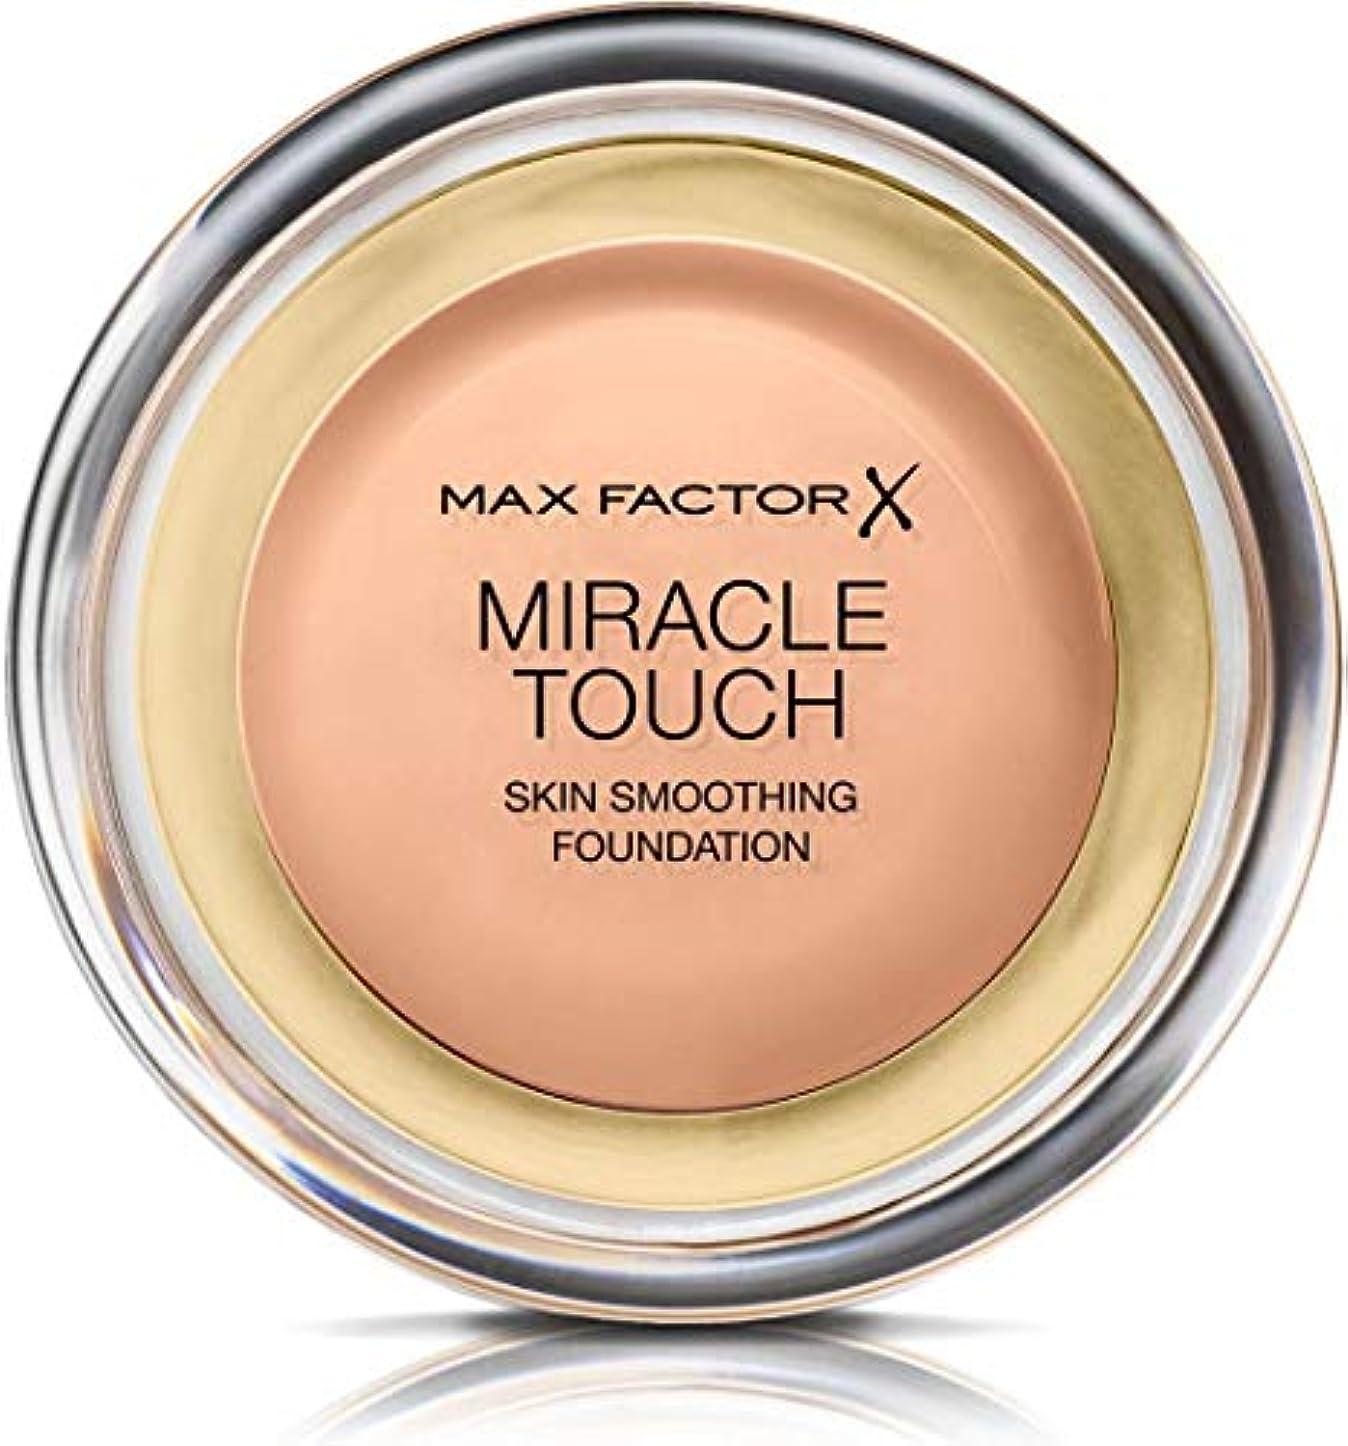 復活病な最大のマックス ファクター ミラクル タッチ スキン スムーズ ファウンデーション - ローズ ベージュ Max Factor Miracle Touch Skin Smoothing Foundation - Rose Beige...